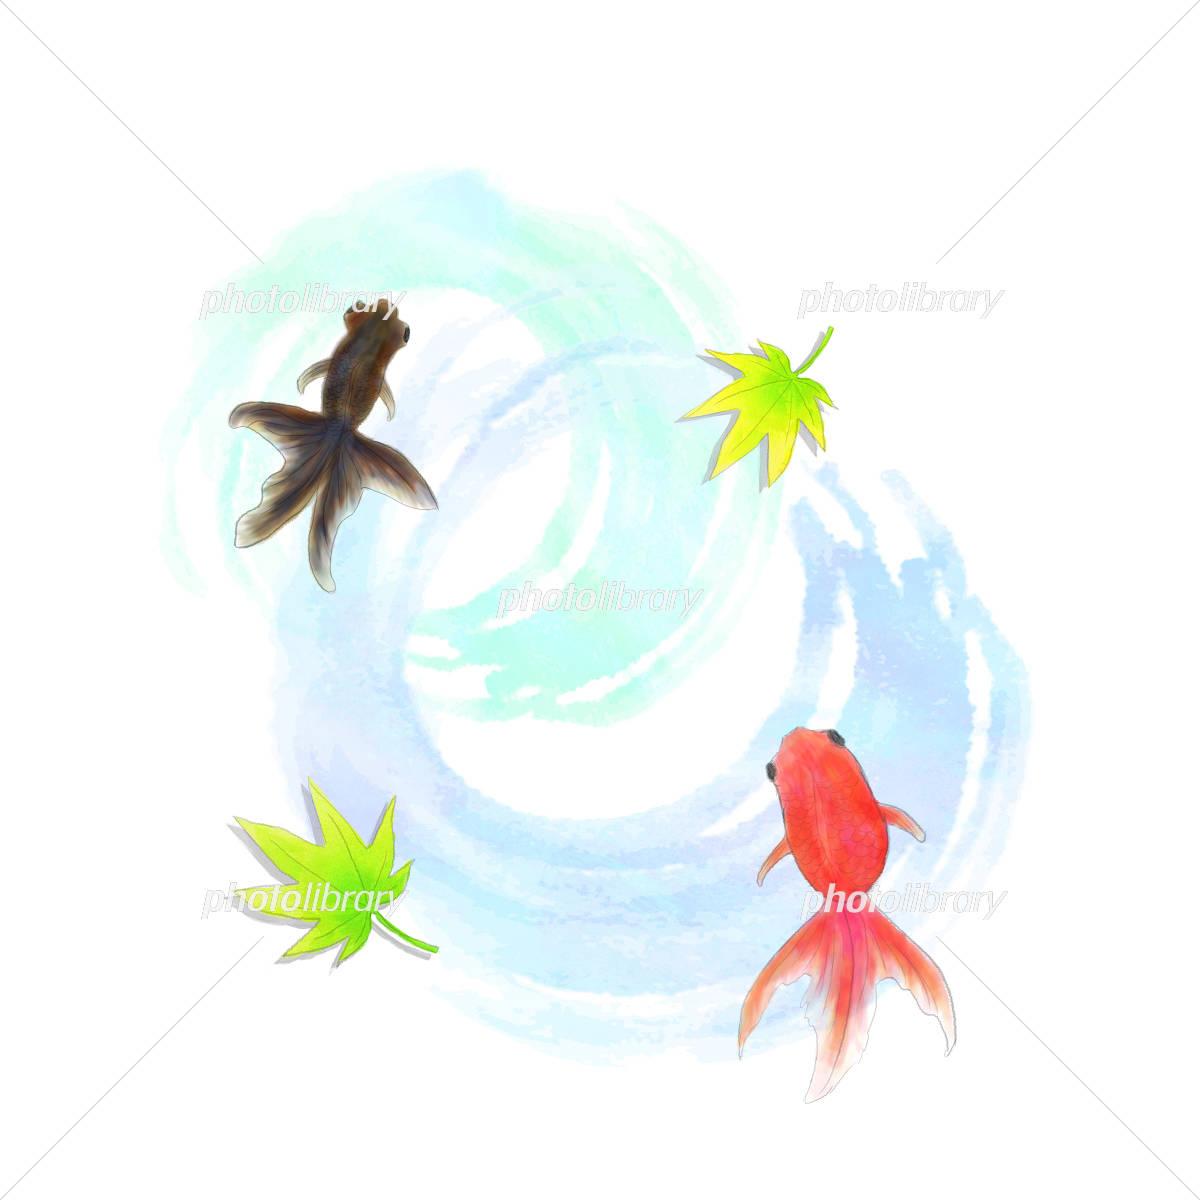 金魚 水彩風 イラスト素材 4381131 フォトライブラリー Photolibrary